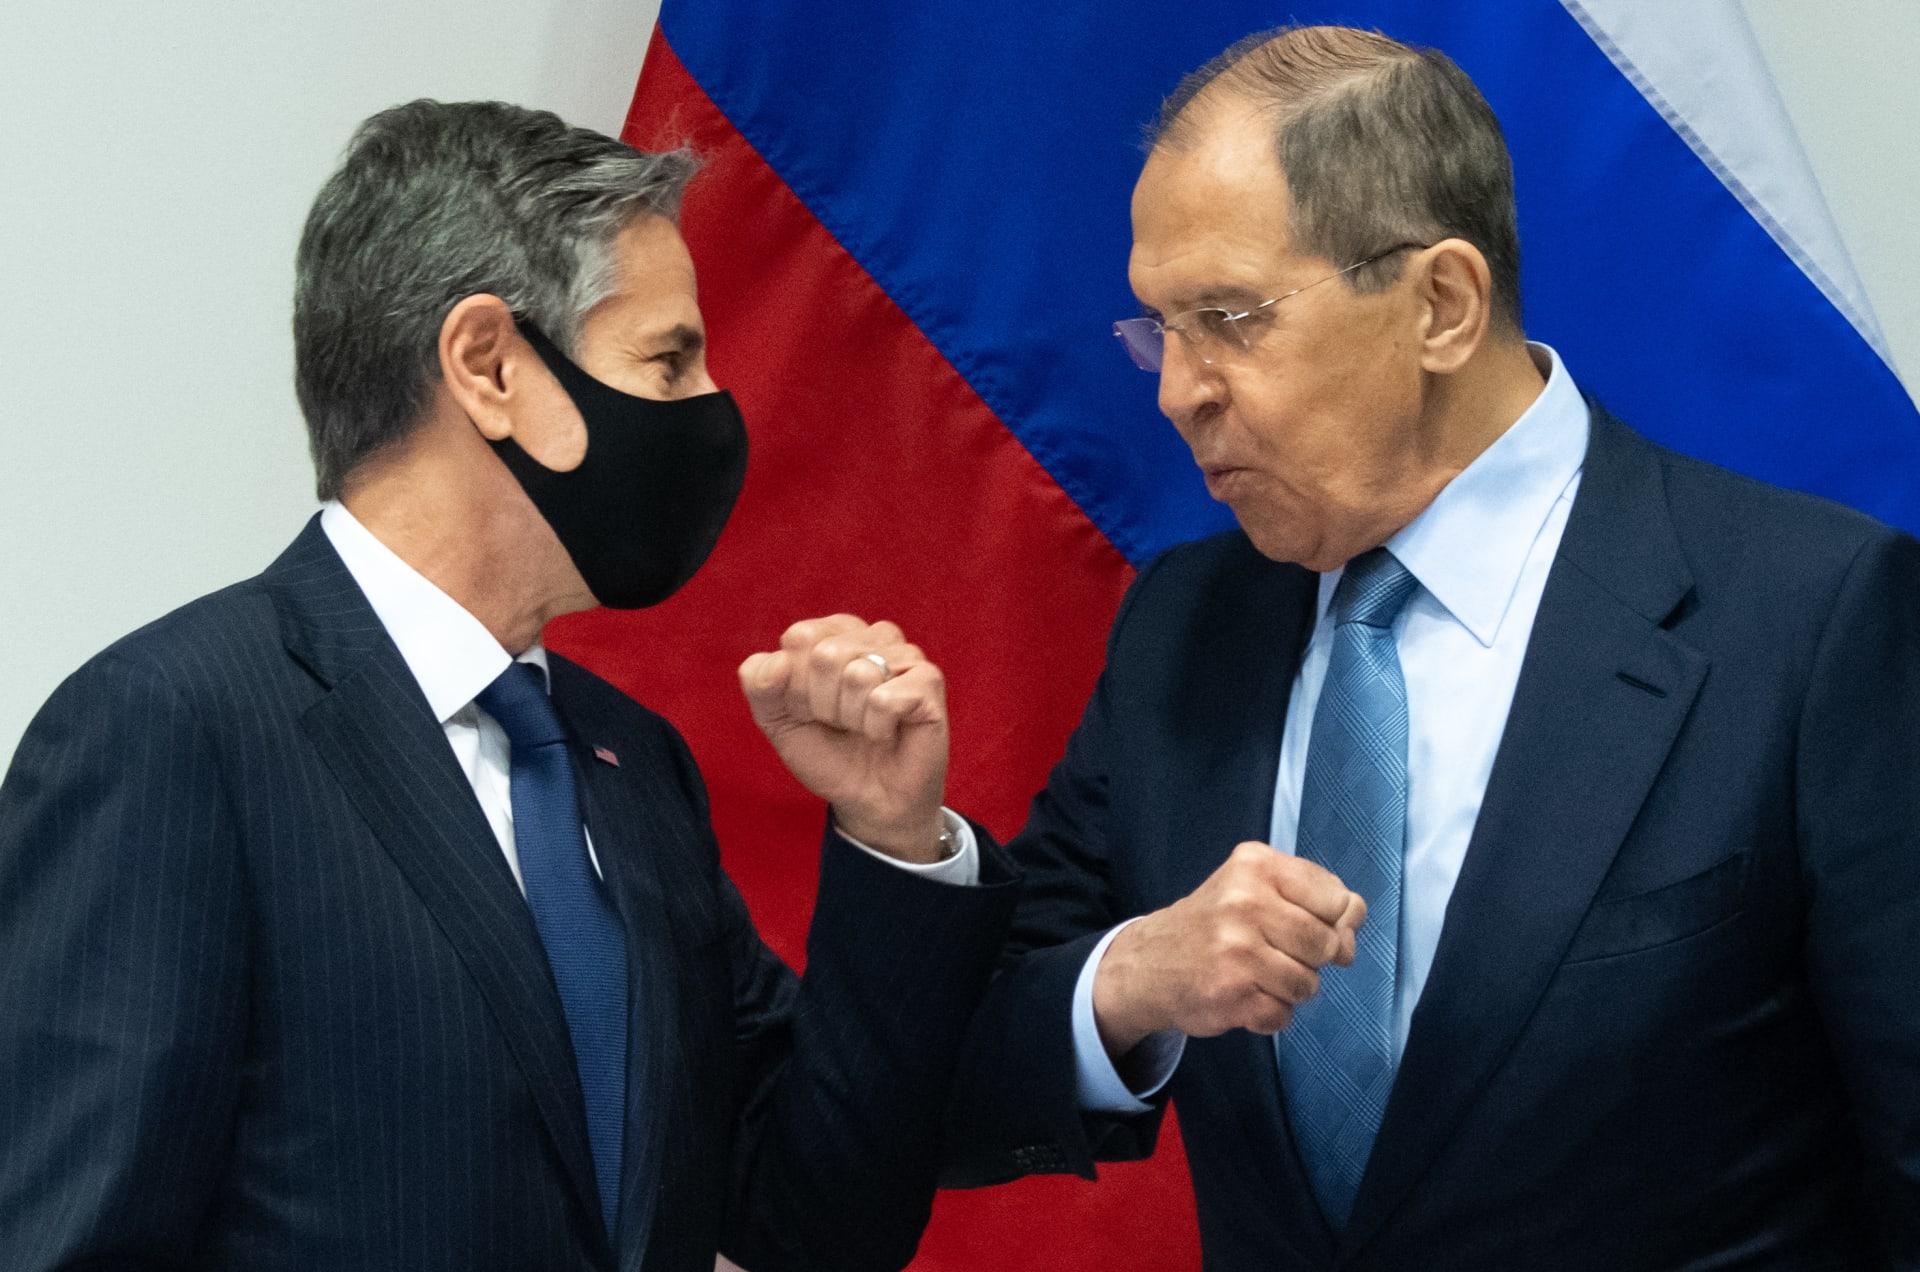 وزير الخارجية الأمريكي أنتوني بلينكن يلتقي نظيره الروسي سيرغي لافروف في أيسلندا